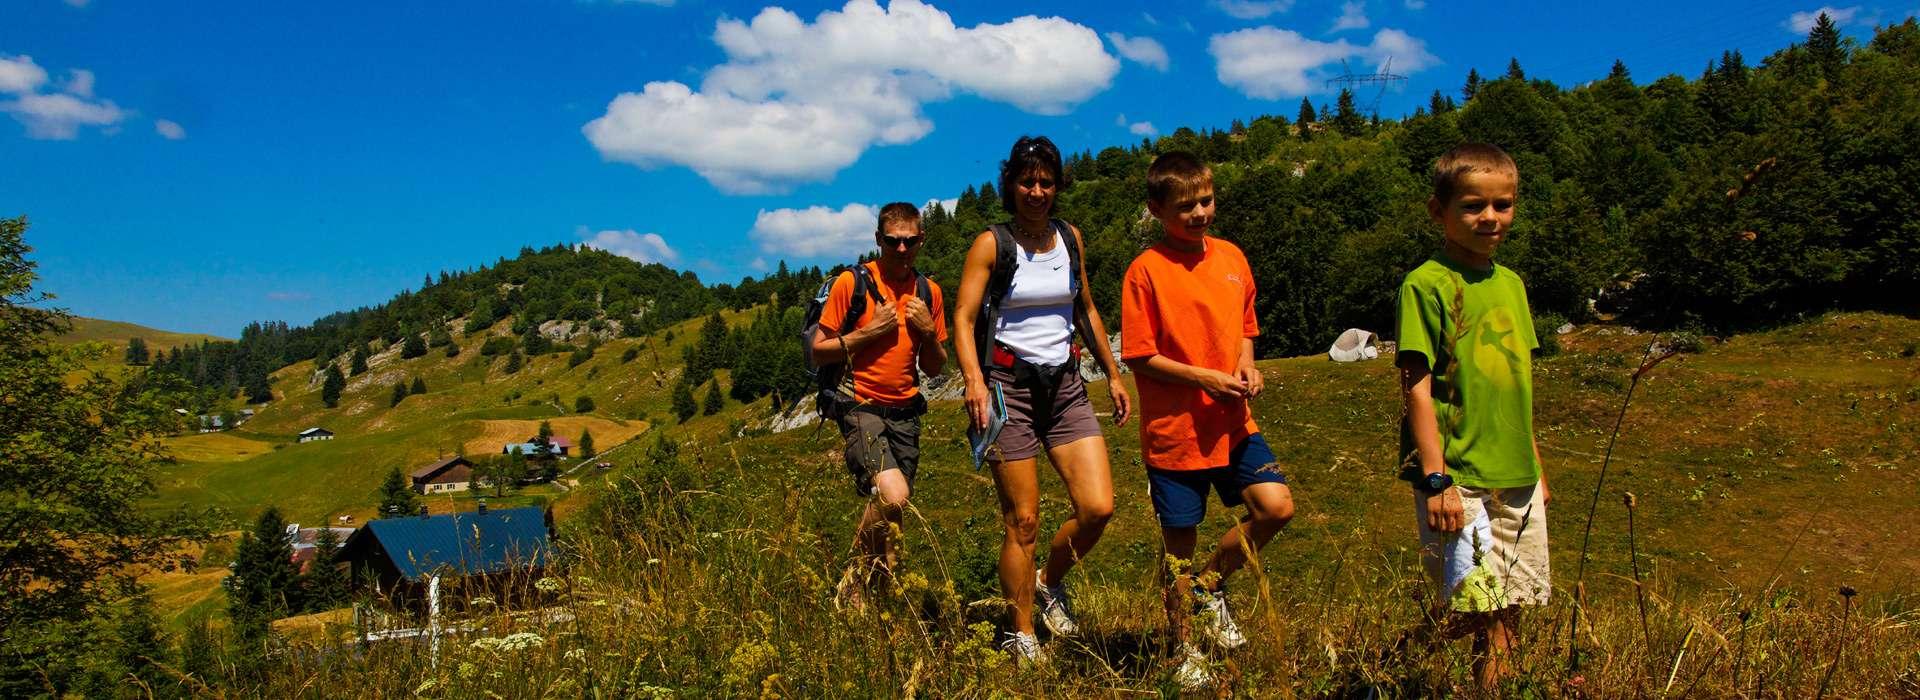 Pass montagne été randonnée Haute-Savoie